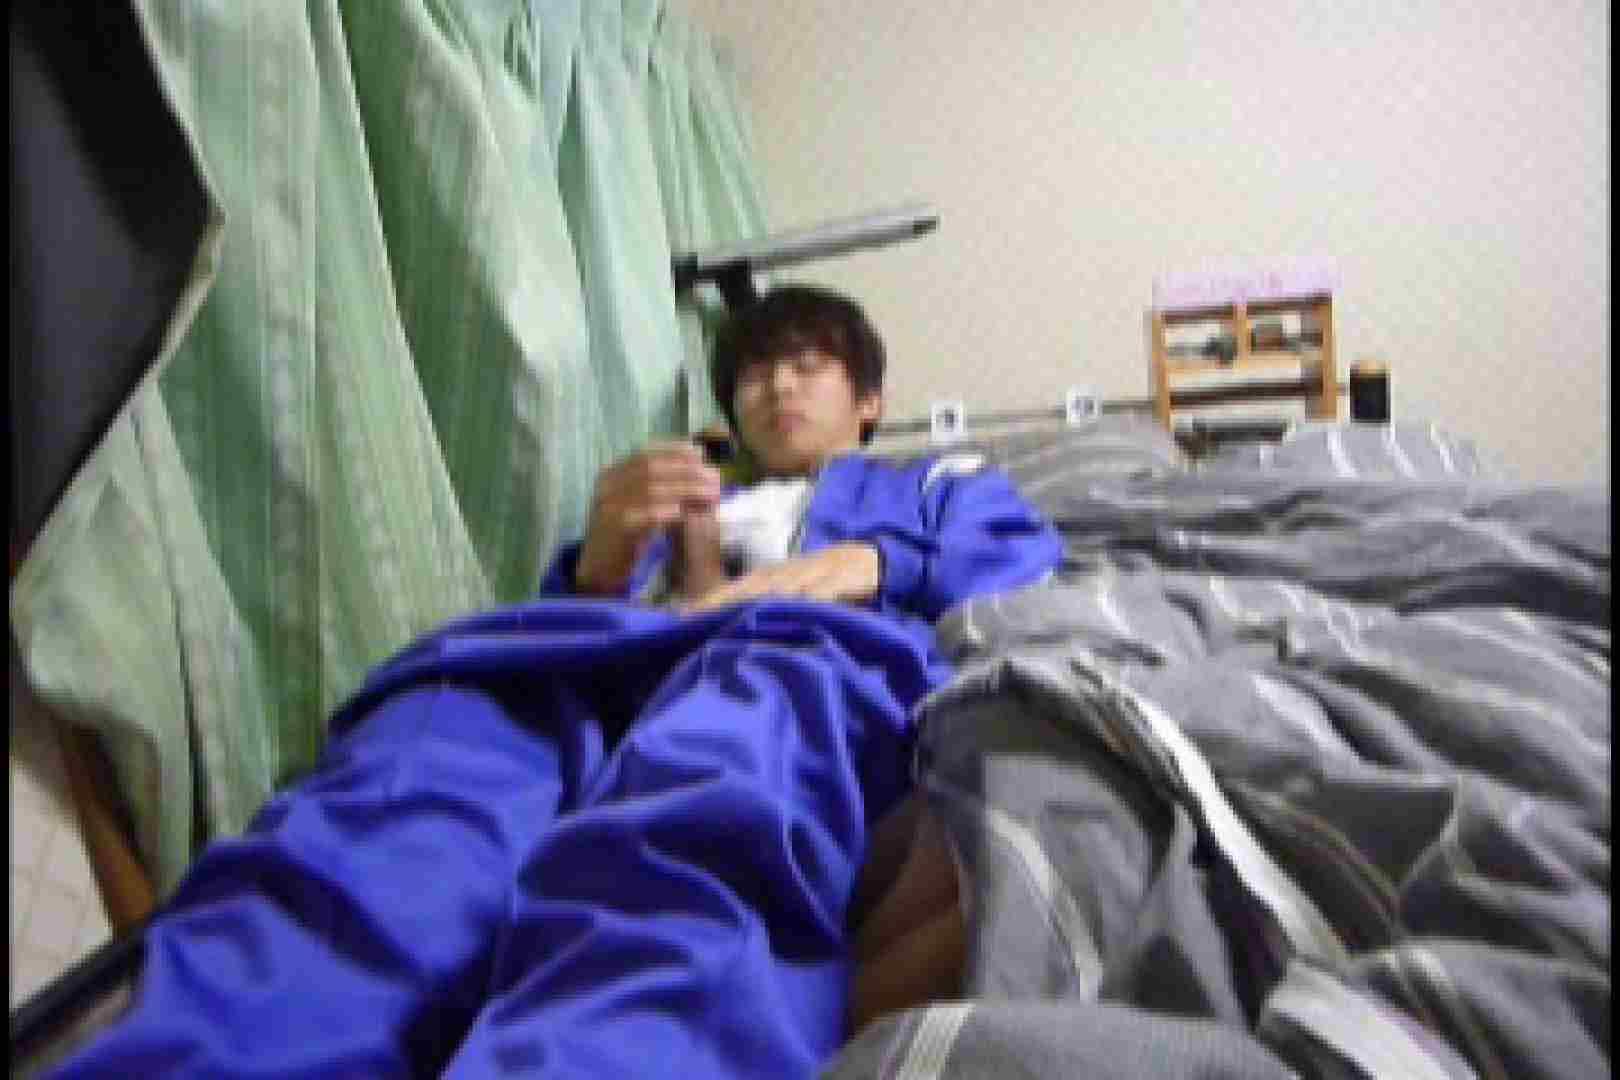 オナ好きノンケテニス部員の自画撮り投稿vol.06 受け  94pic